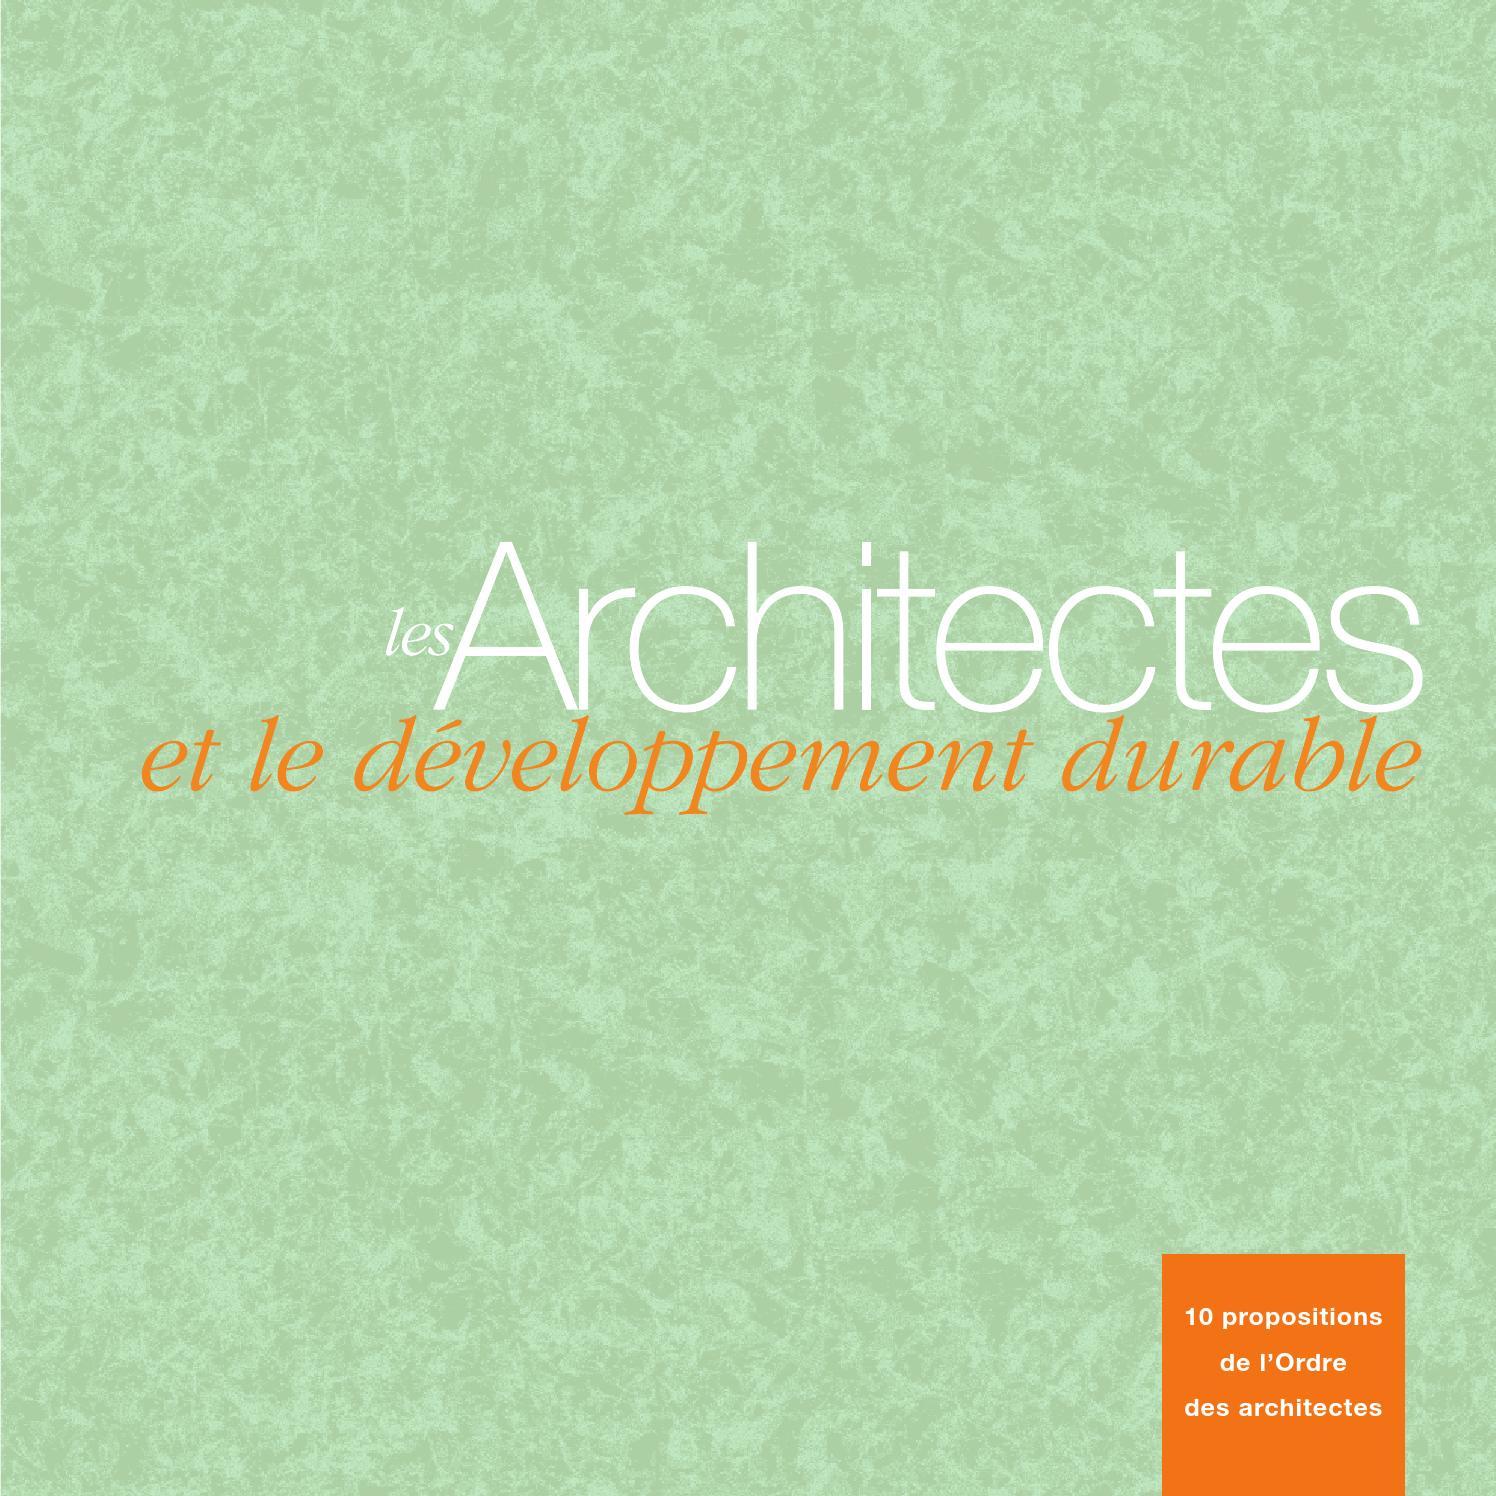 Liste Ordre Des Architectes les architectes et le developpement durablecnoa - issuu